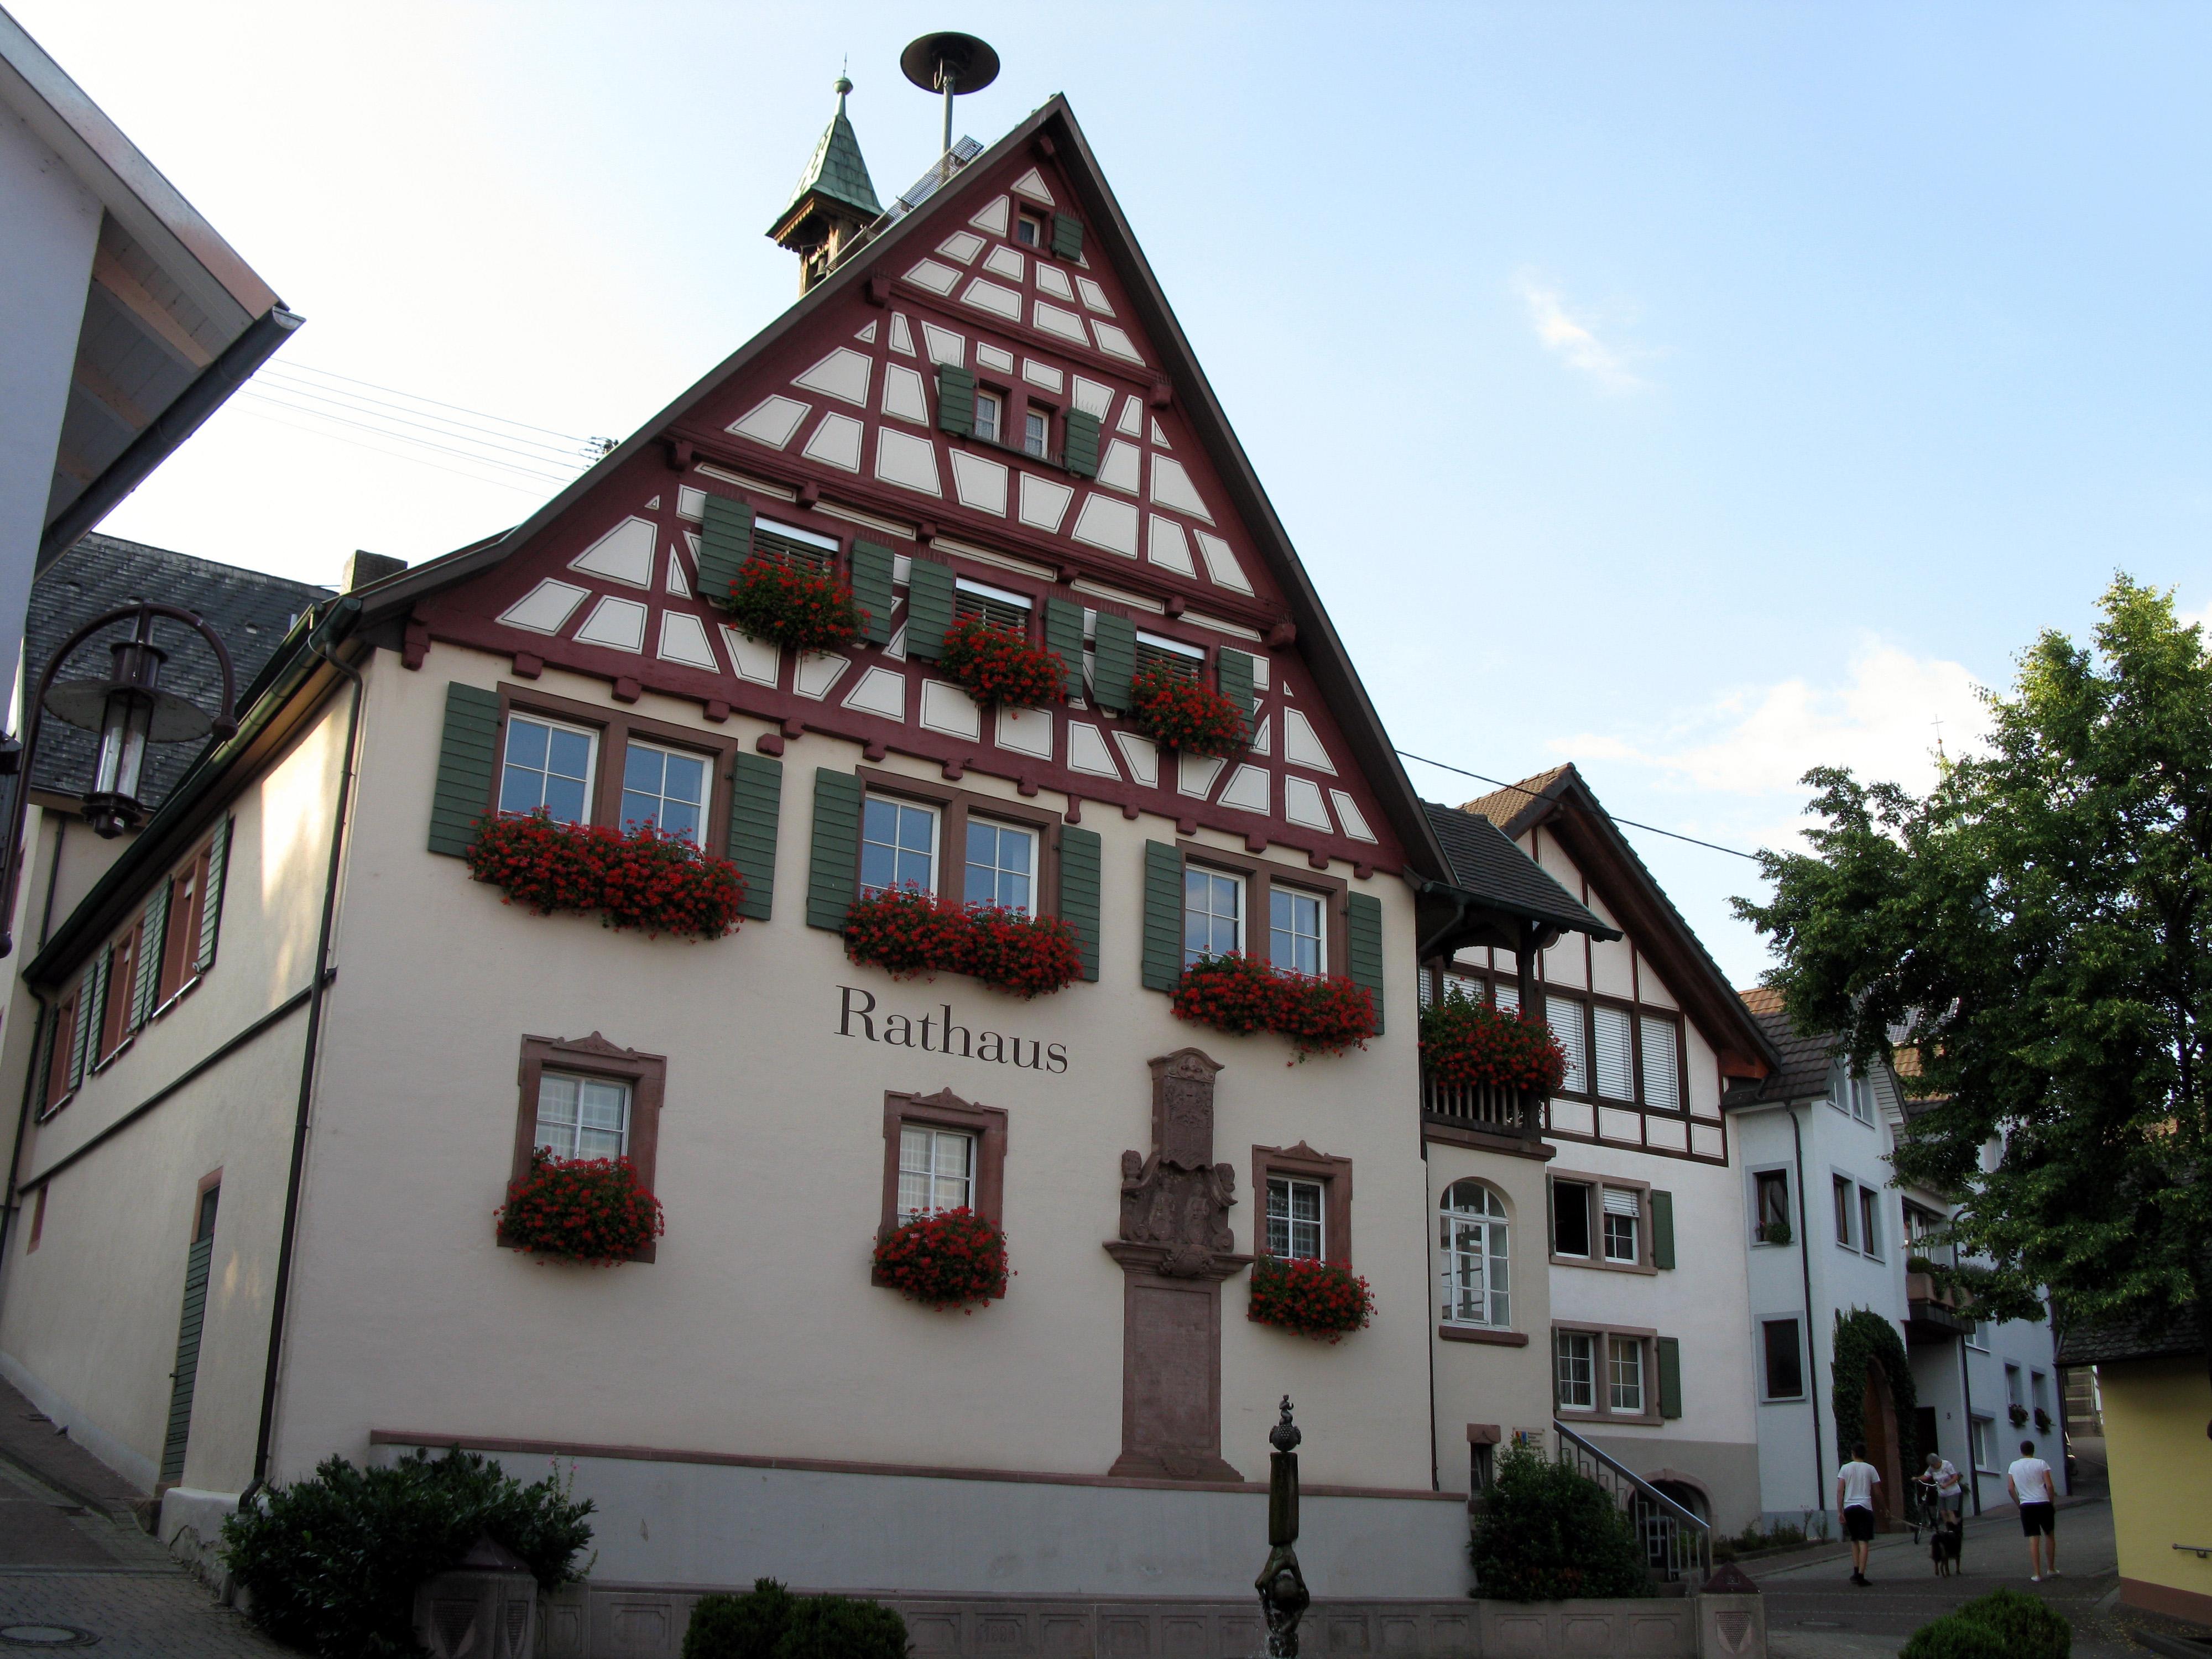 Rathaus (Bahlingen am Kaiserstuhl)